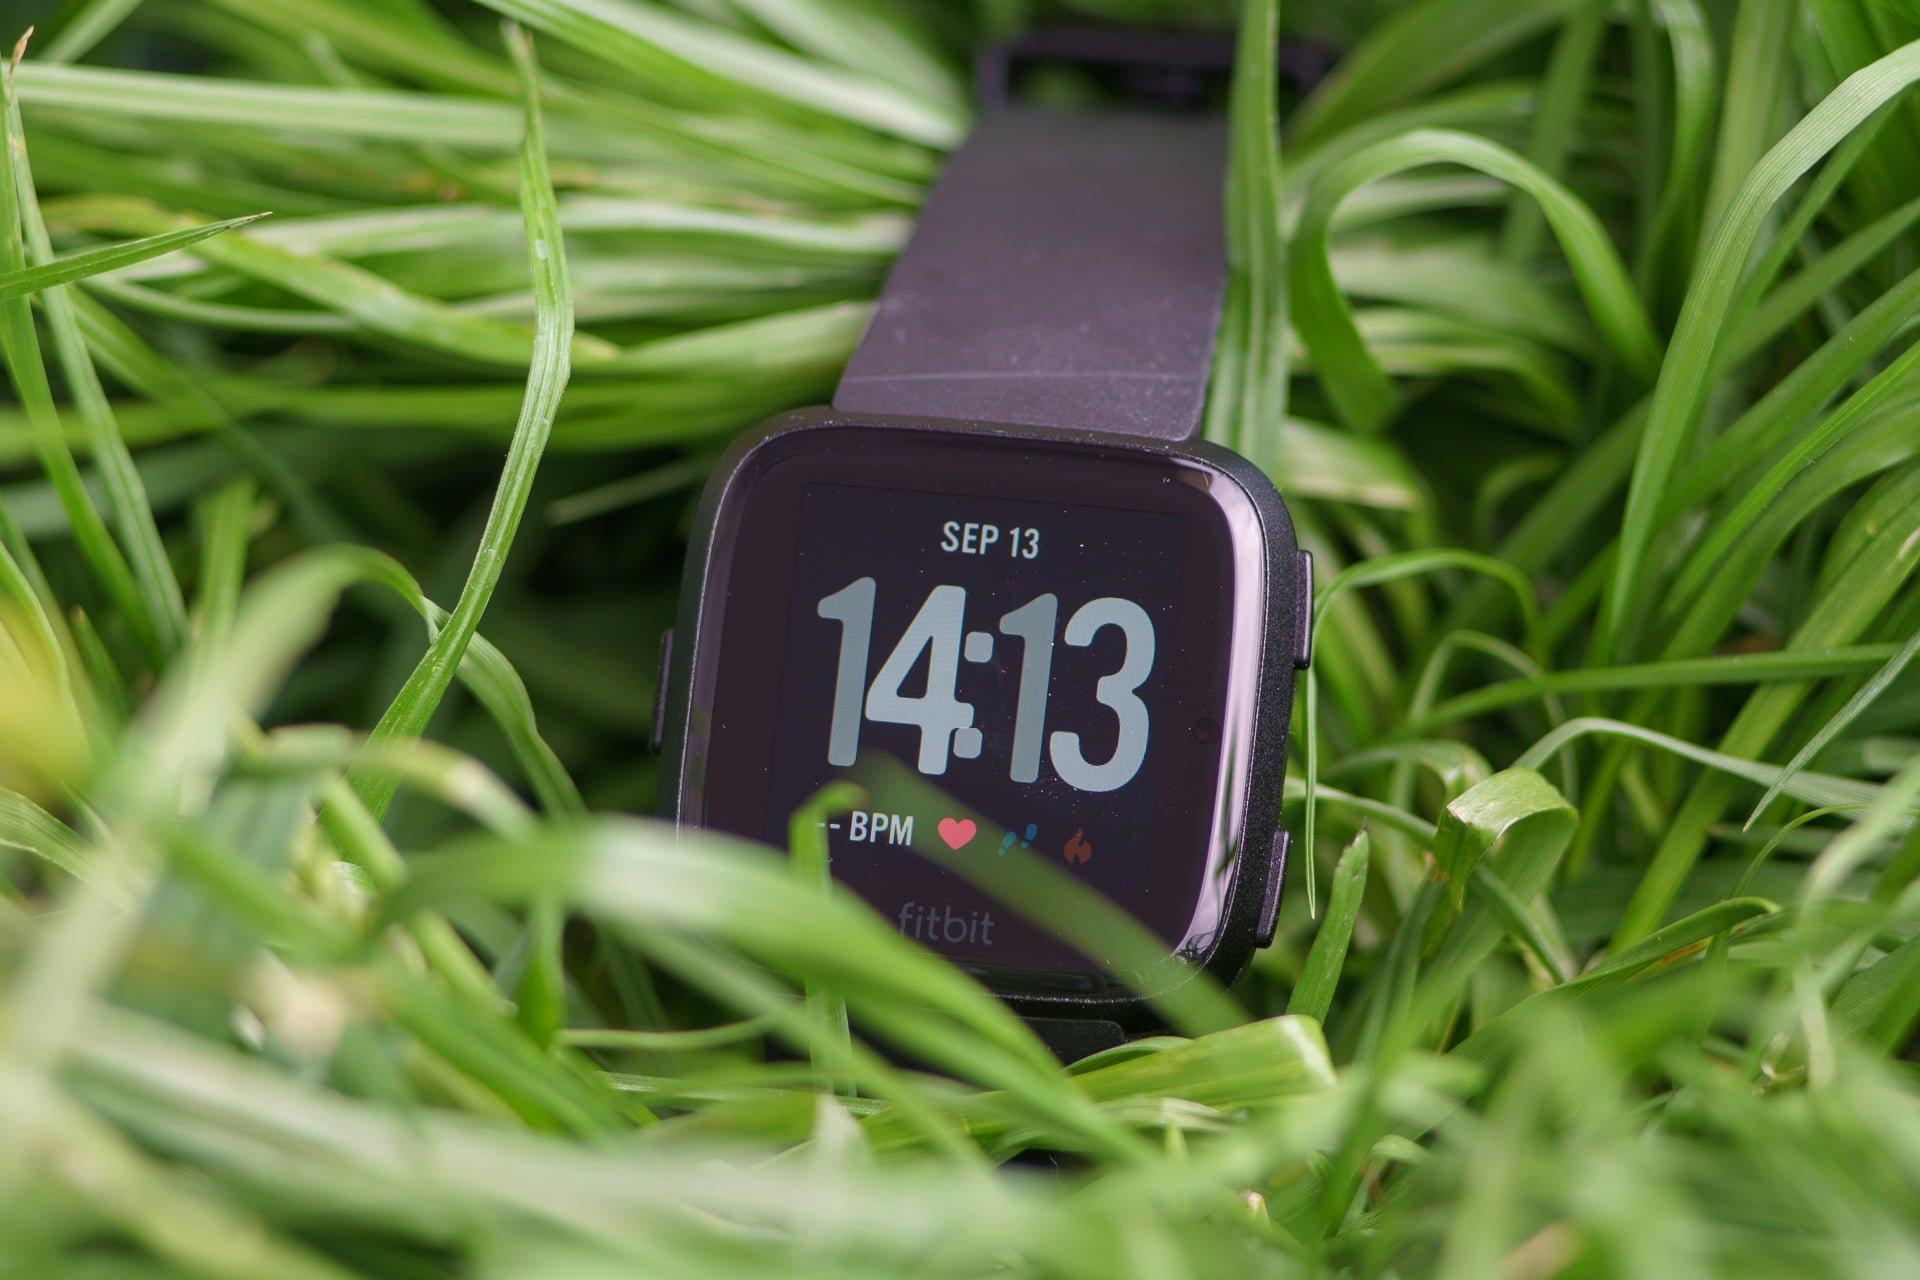 Wkrótce premiera smartwatcha Fitbit Versa 2. Znamy sporo szczegółów 25